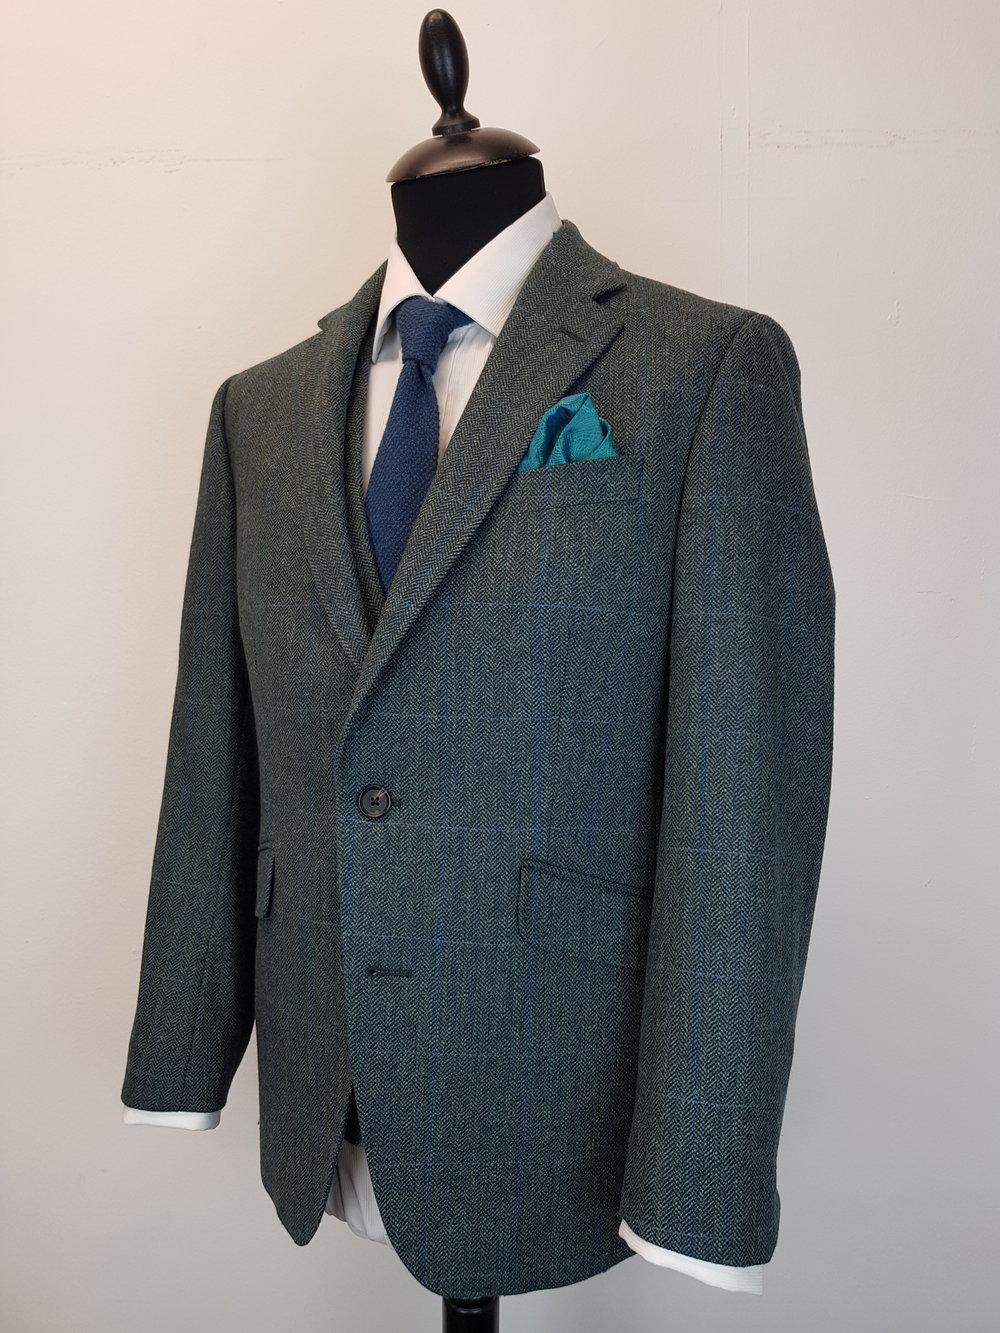 3 Piece Herringbone and check tweed suit (7).jpg